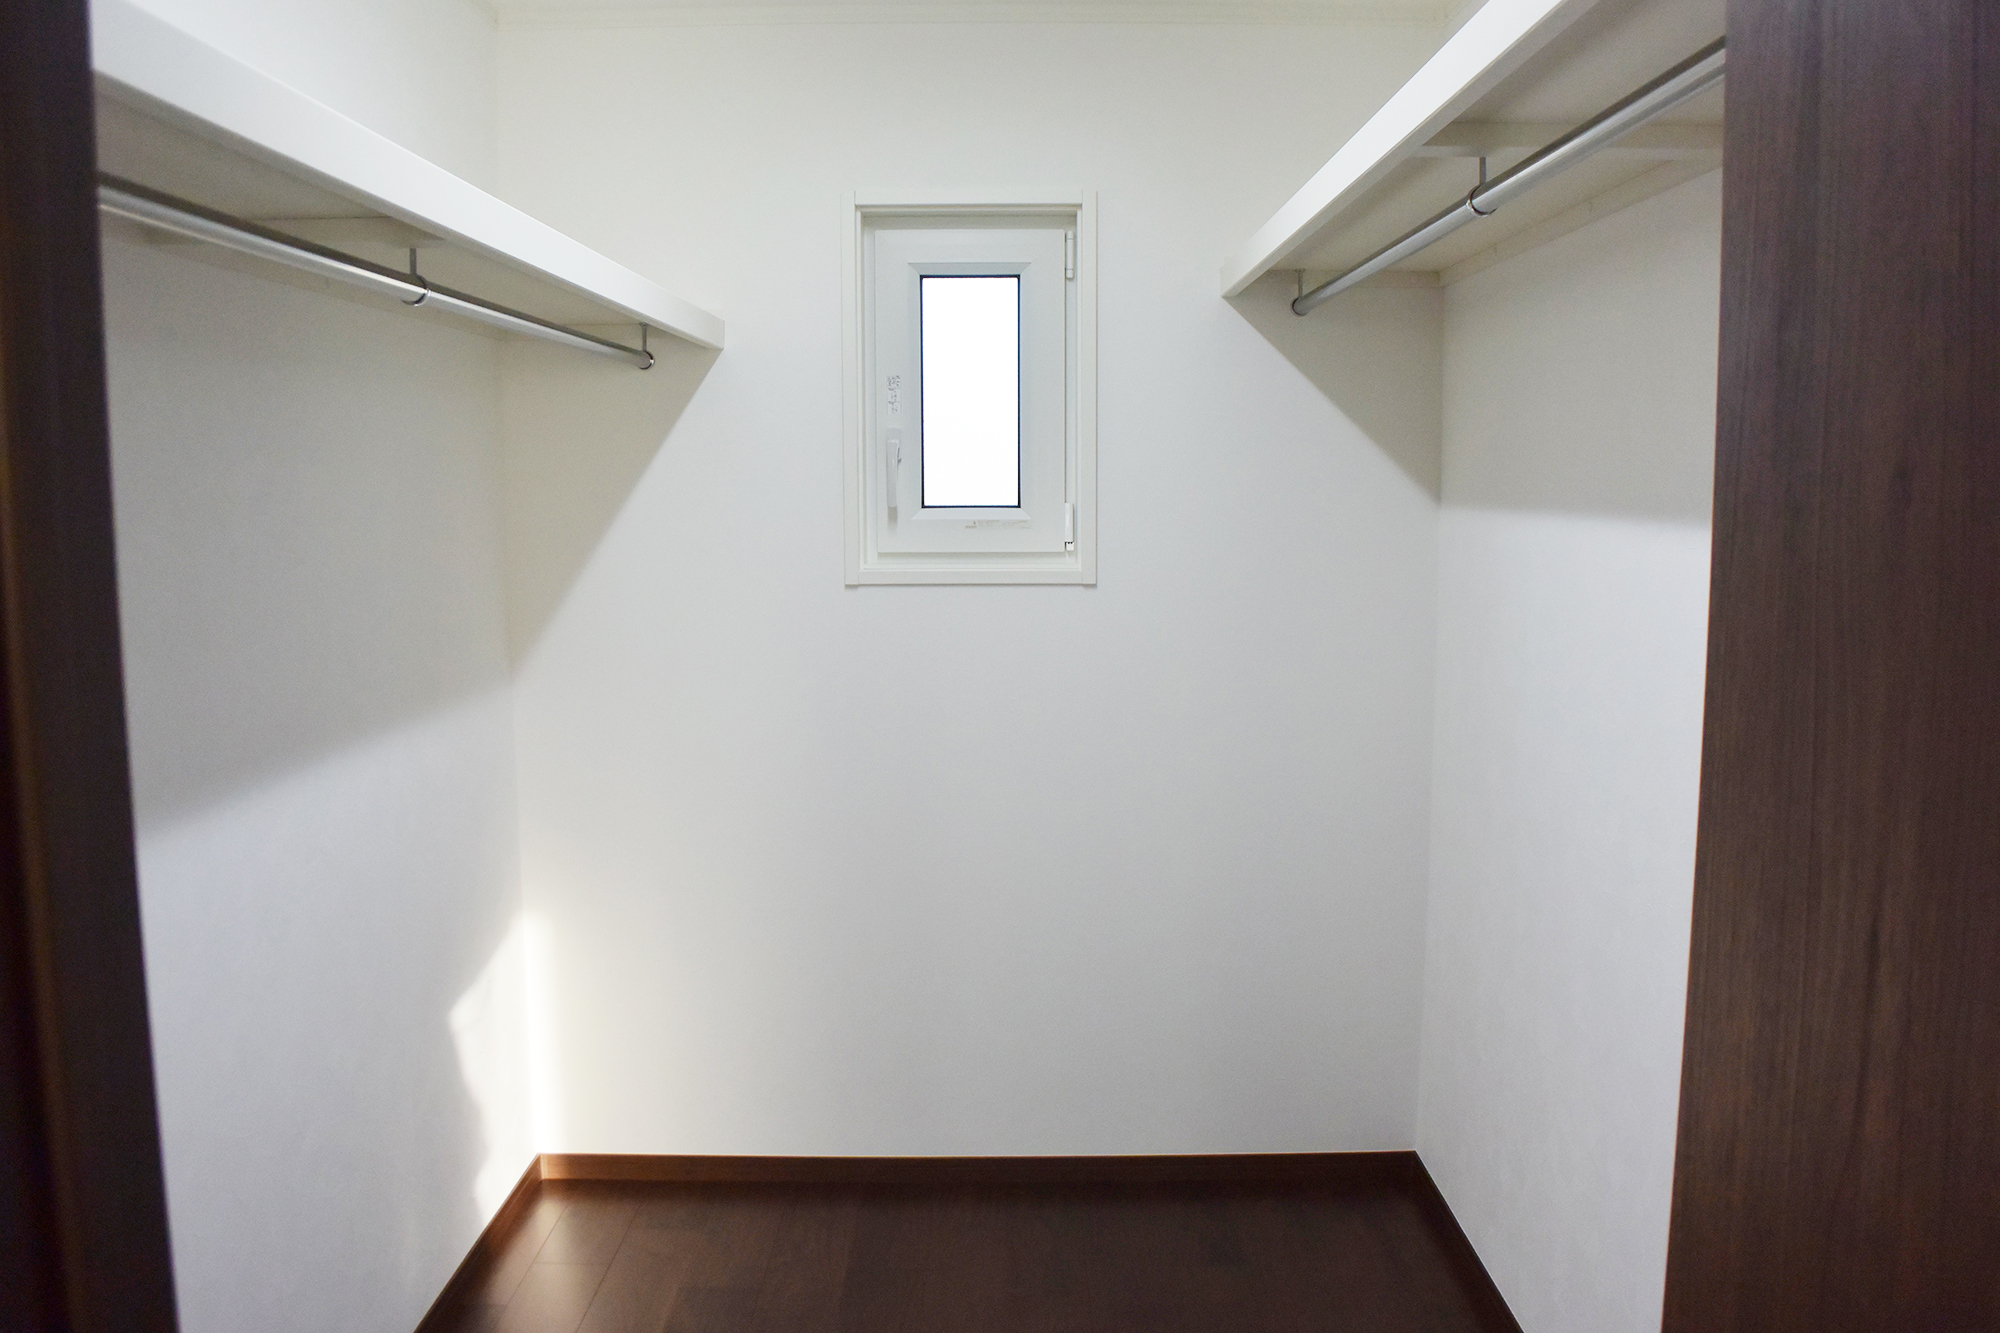 主寝室に接して広々としたWIC、納戸などが配置されています。